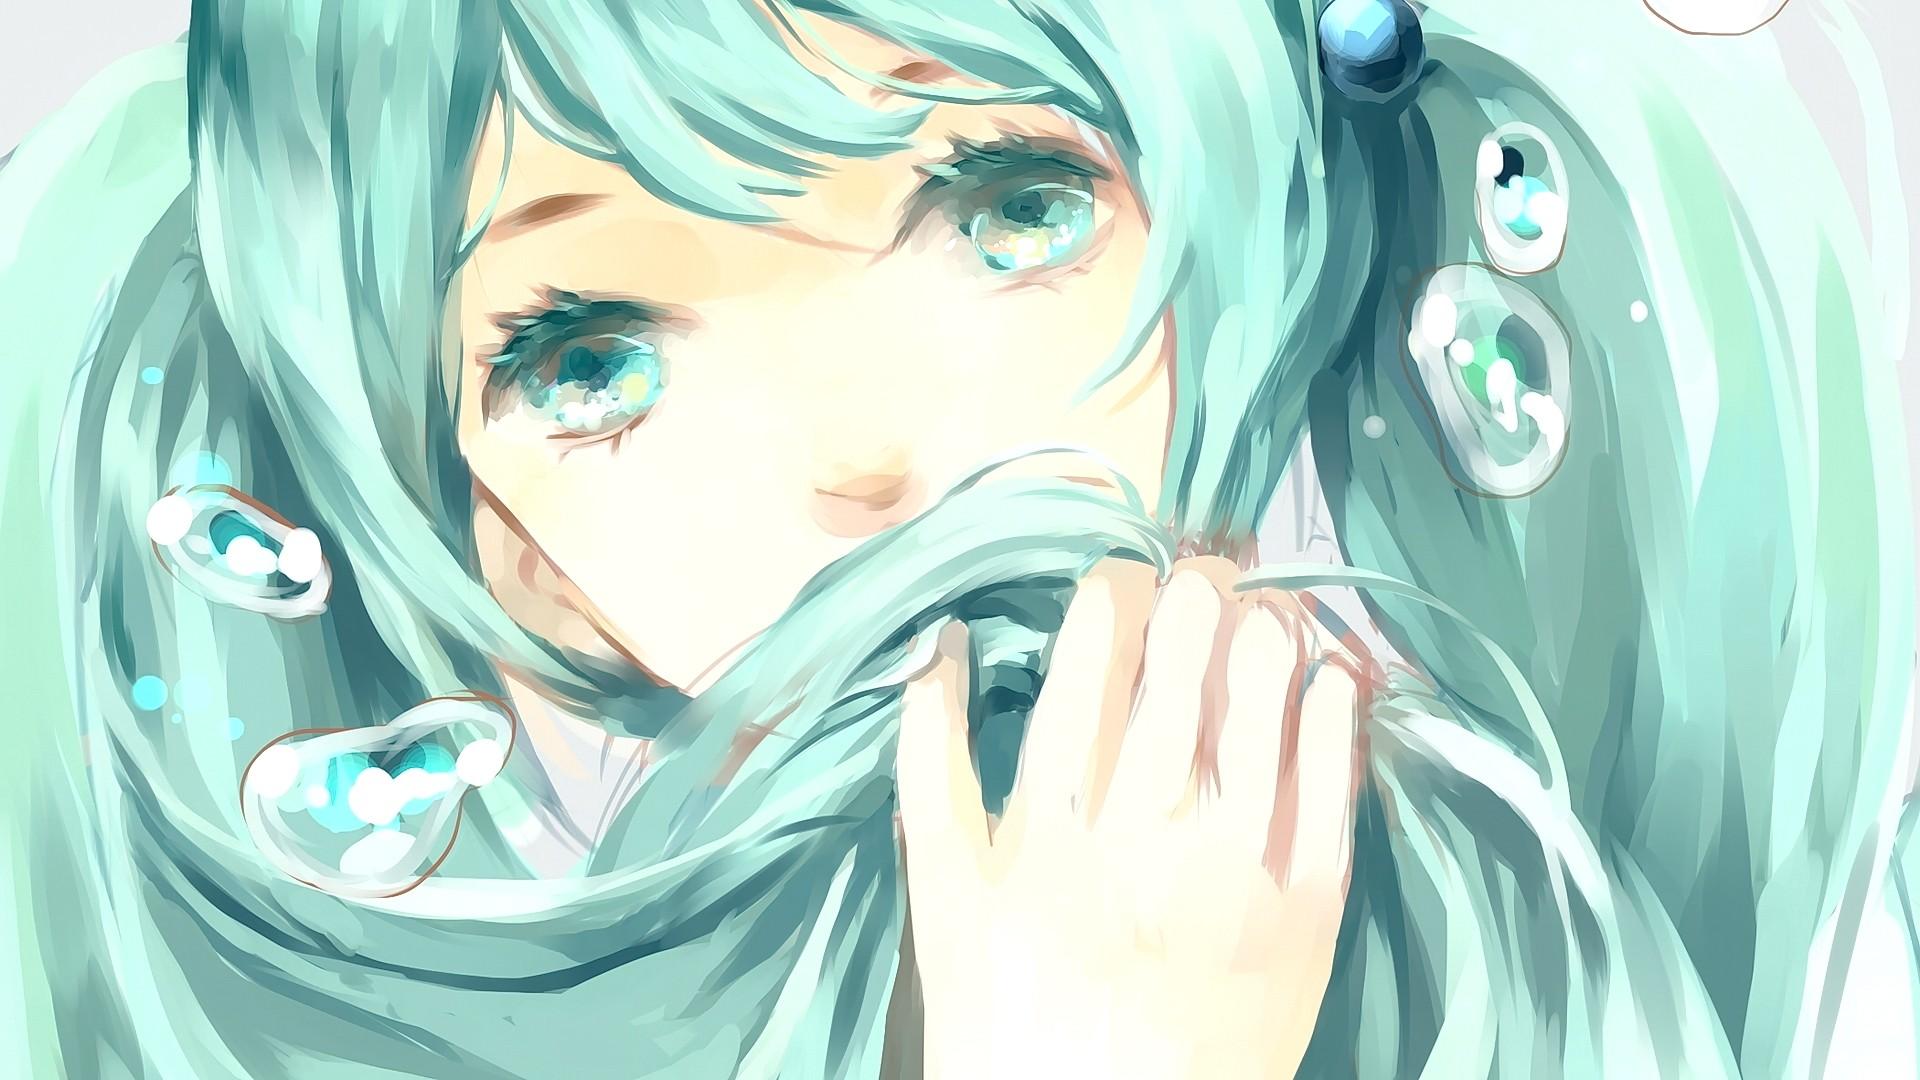 Аниме девушки с голубыми глазами картинки